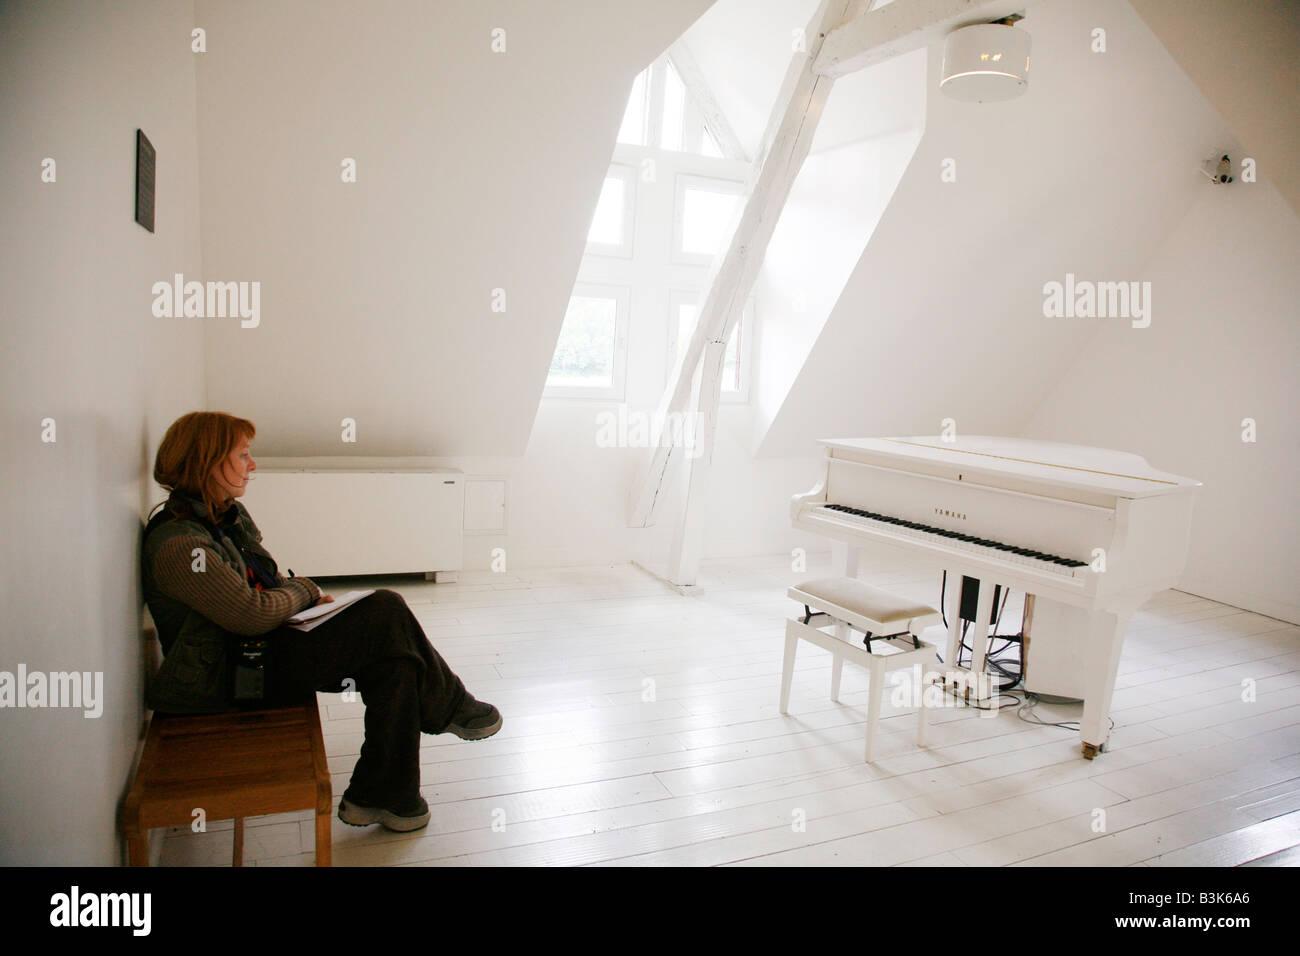 July 2008 - Les Maisons Satie were composer Erik Satie lived Normandy France - Stock Image